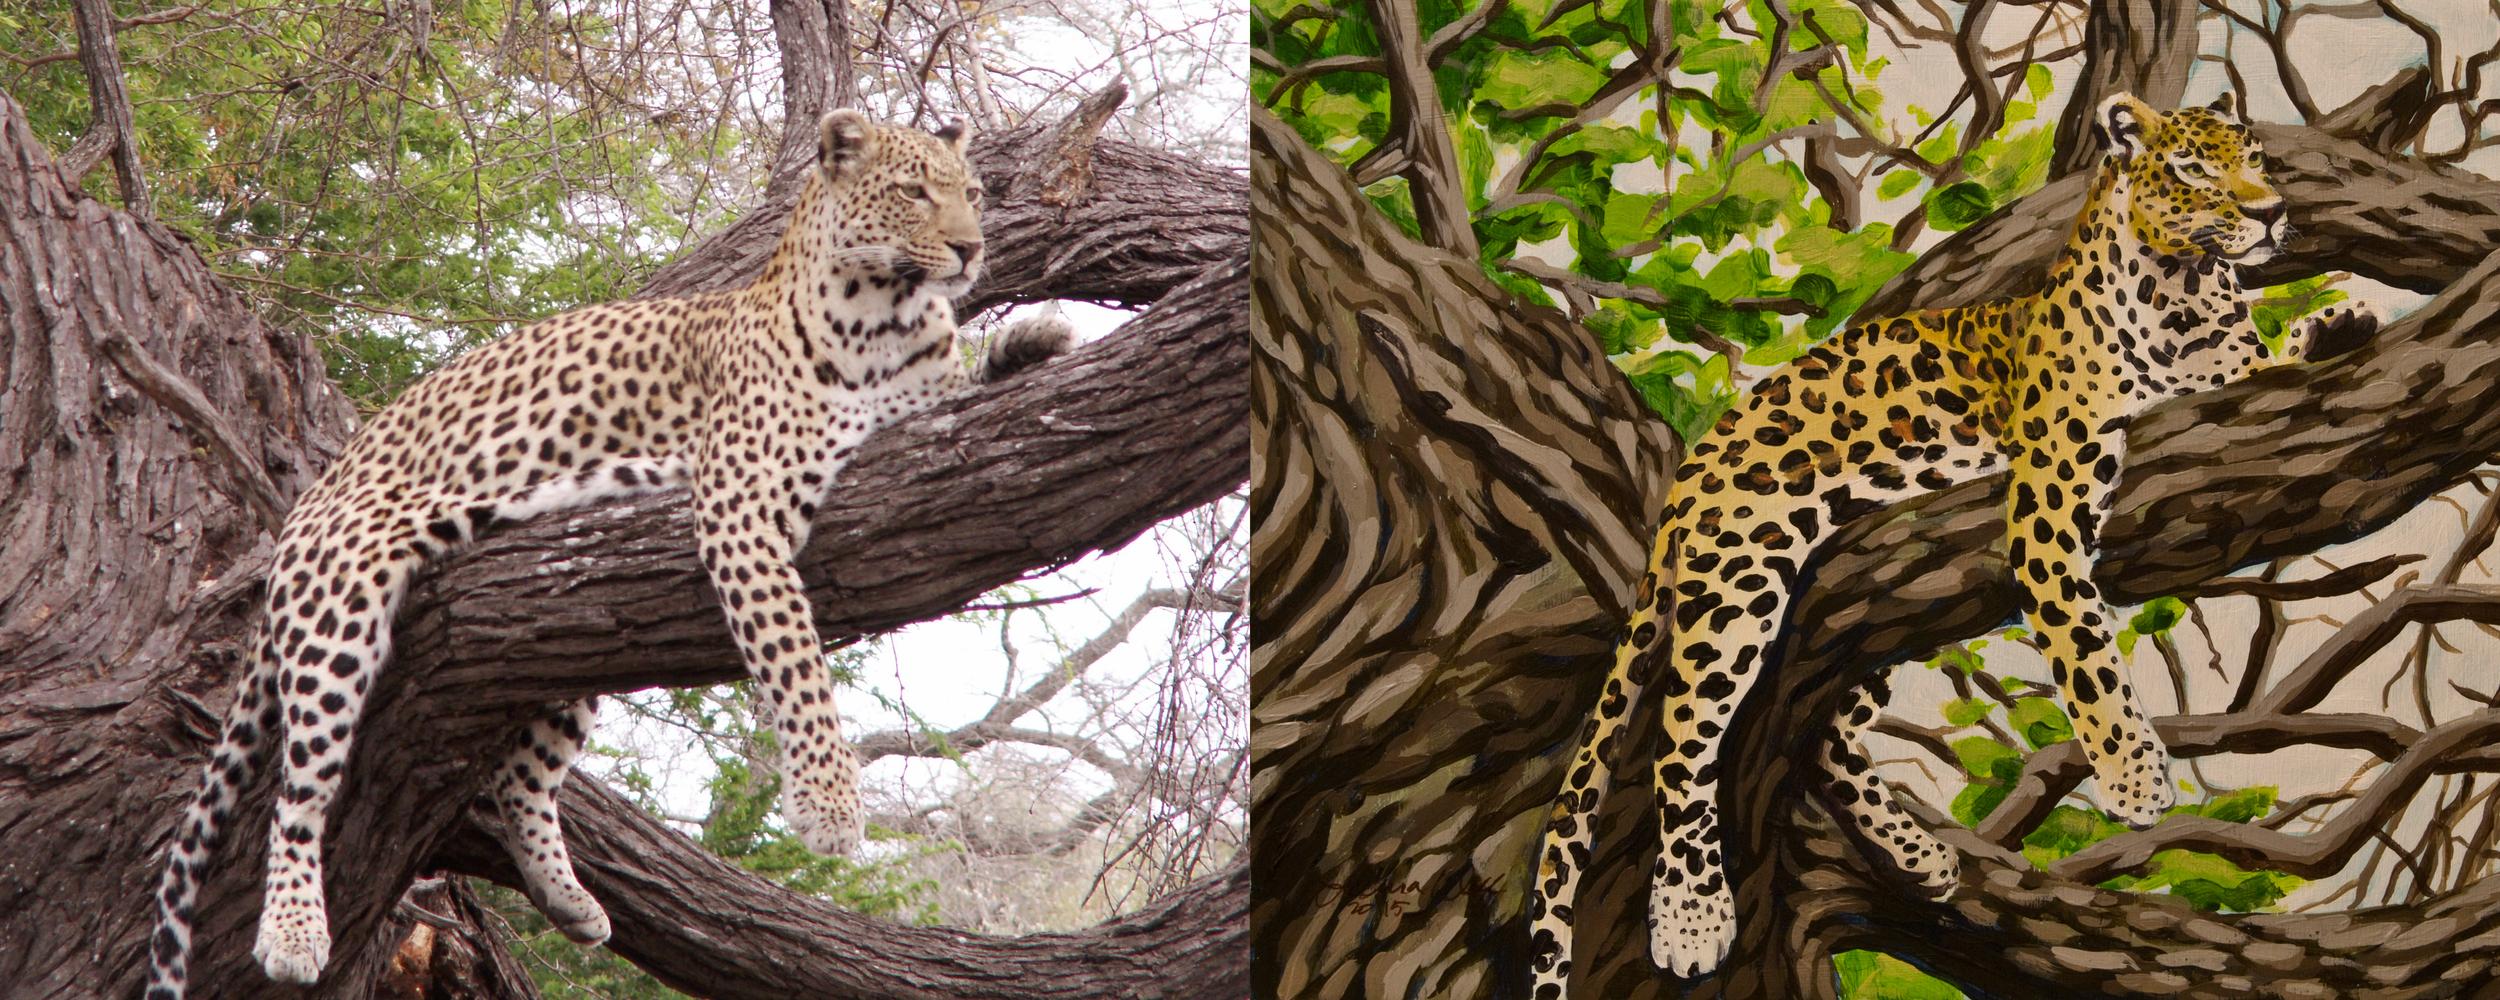 Leopard, for Sarah Widman